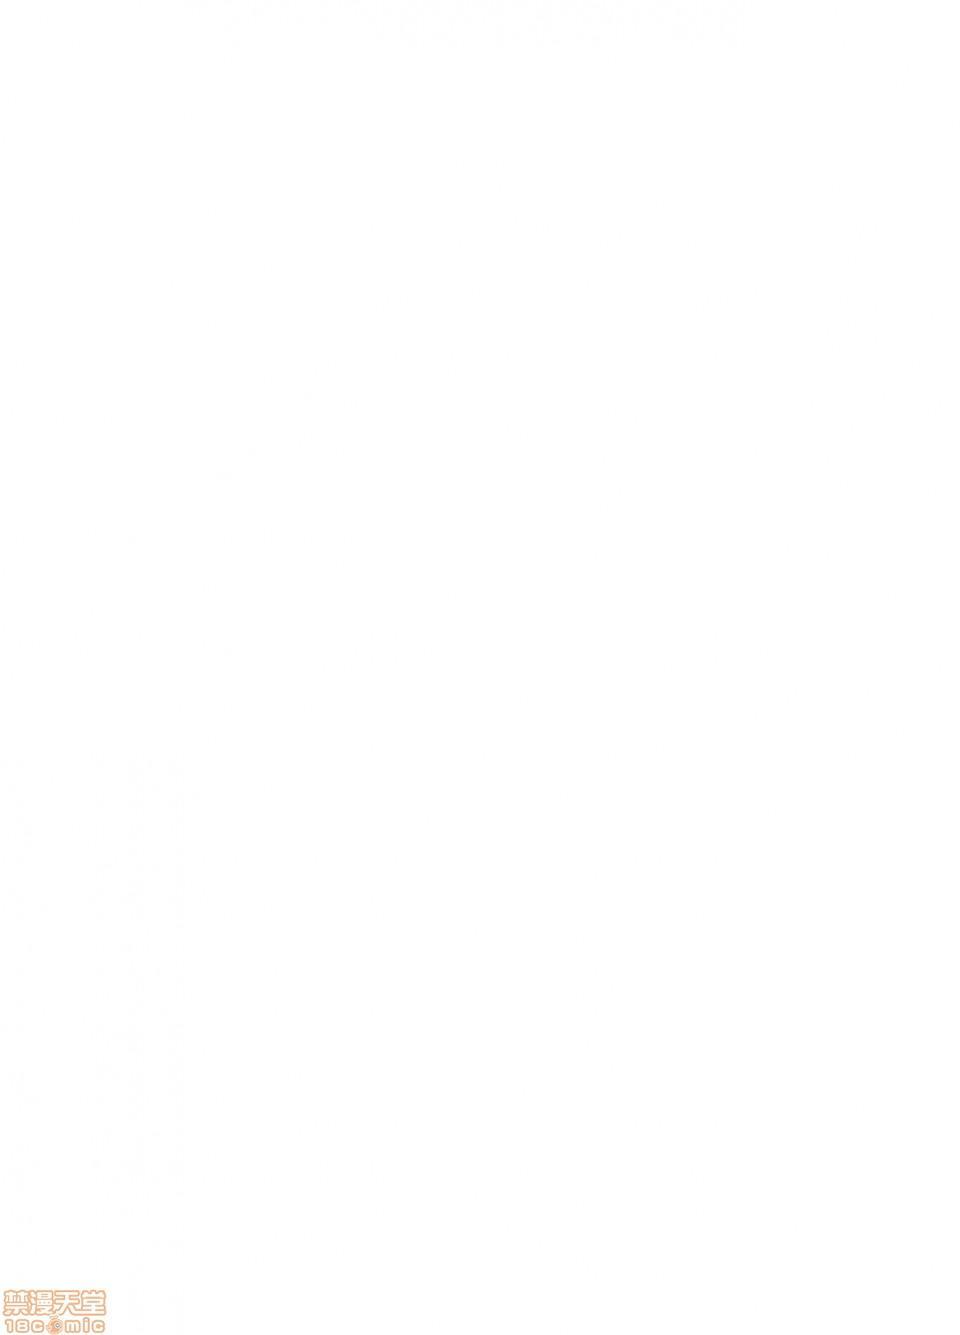 性欲に勝てないオンナ(人造人間)+ フルカラー4ページ漫画(ラフタリア&ツナデ) 2